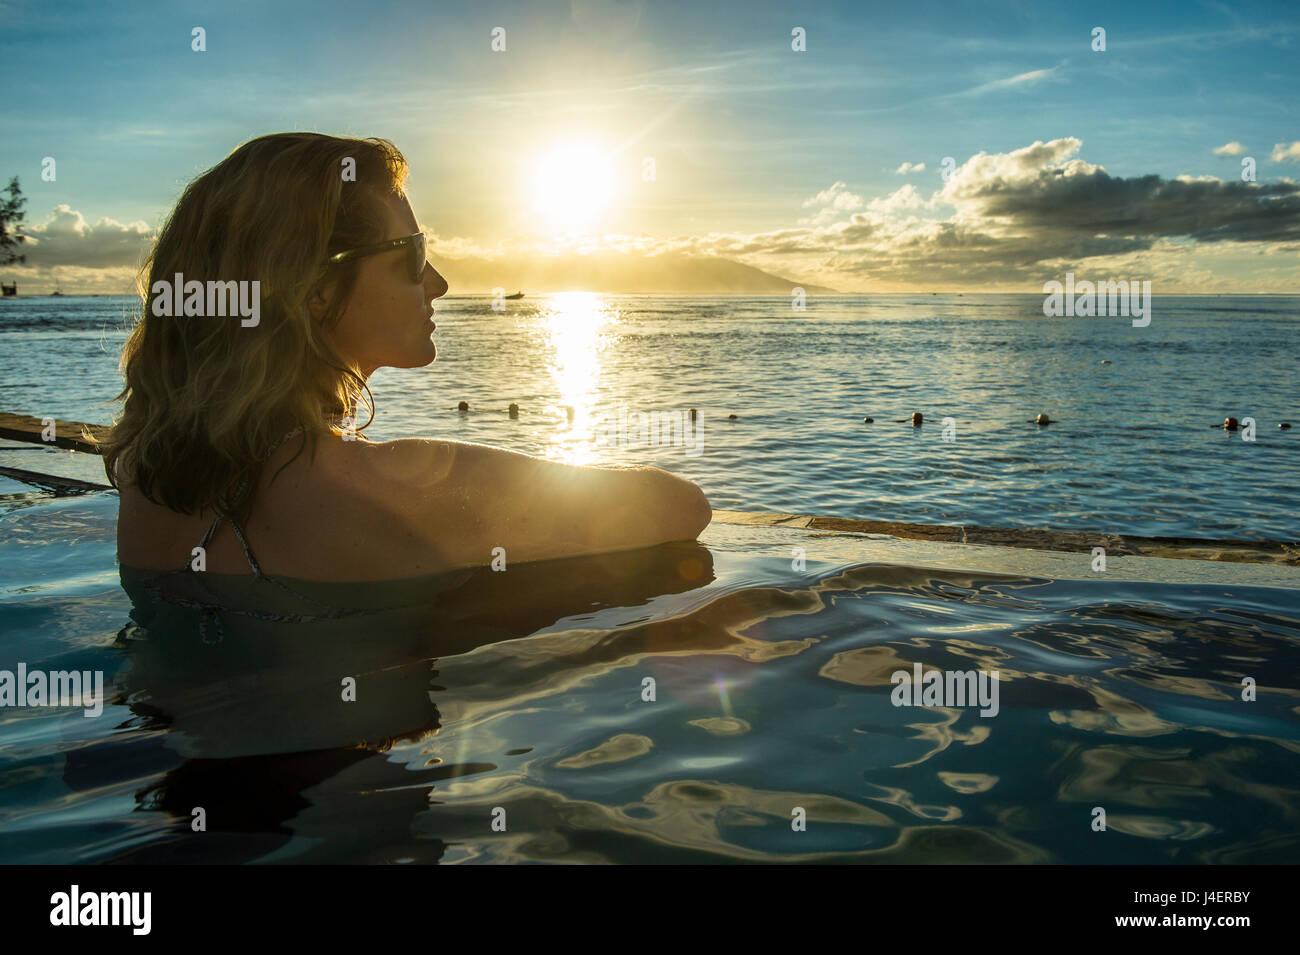 Frau, genießen den Sonnenuntergang in einem Schwimmbad mit Moorea in den Hintergrund, Papeete, Tahiti, Gesellschaftsinseln Stockbild